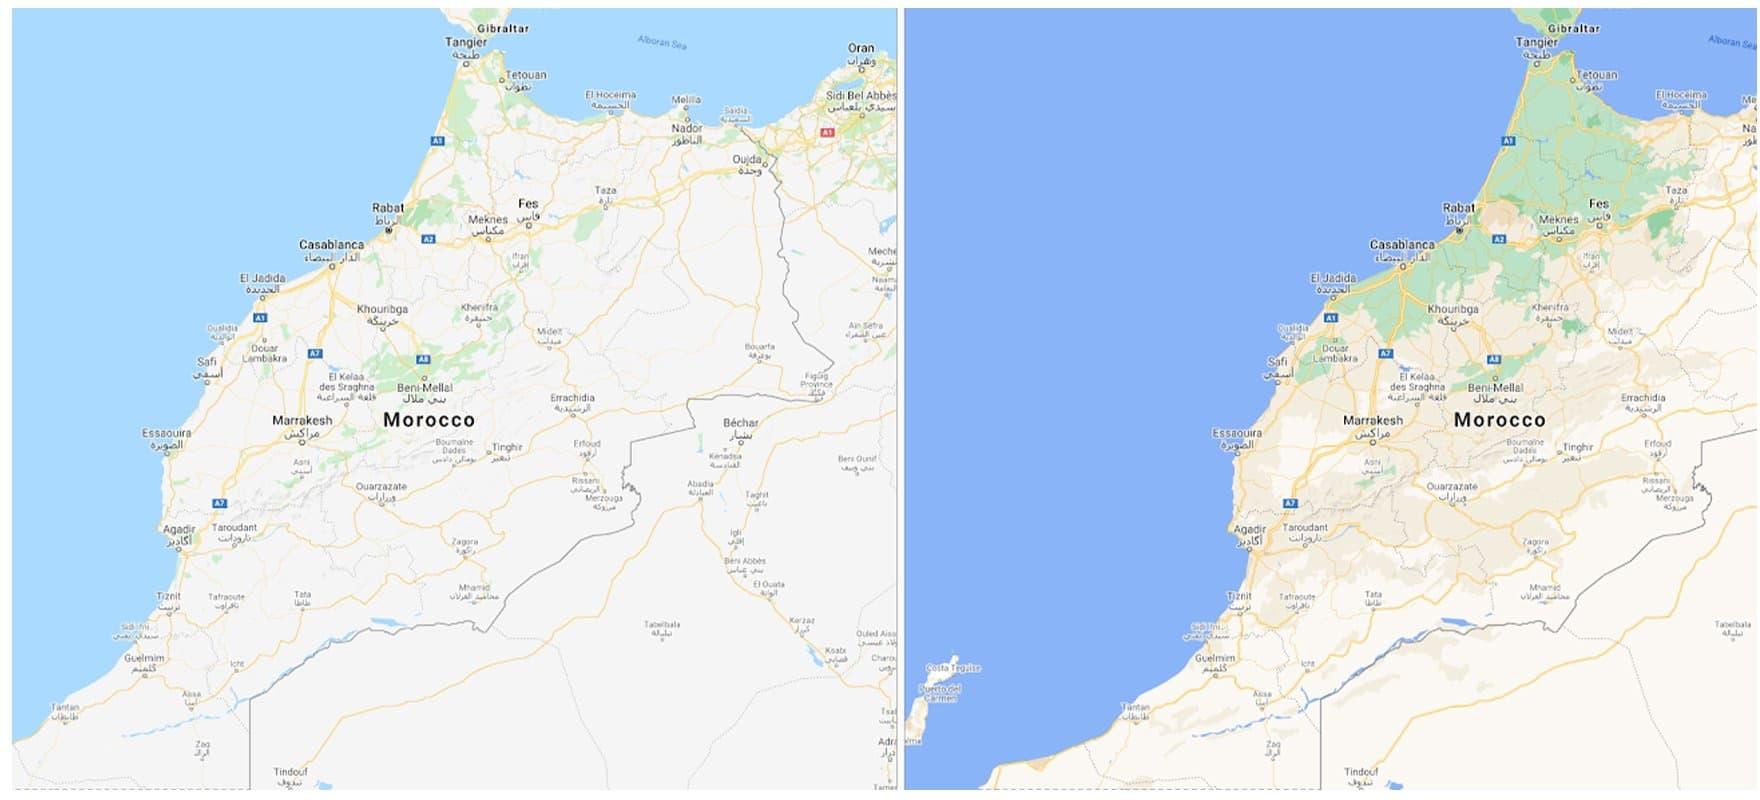 Novo visual do Google Maps